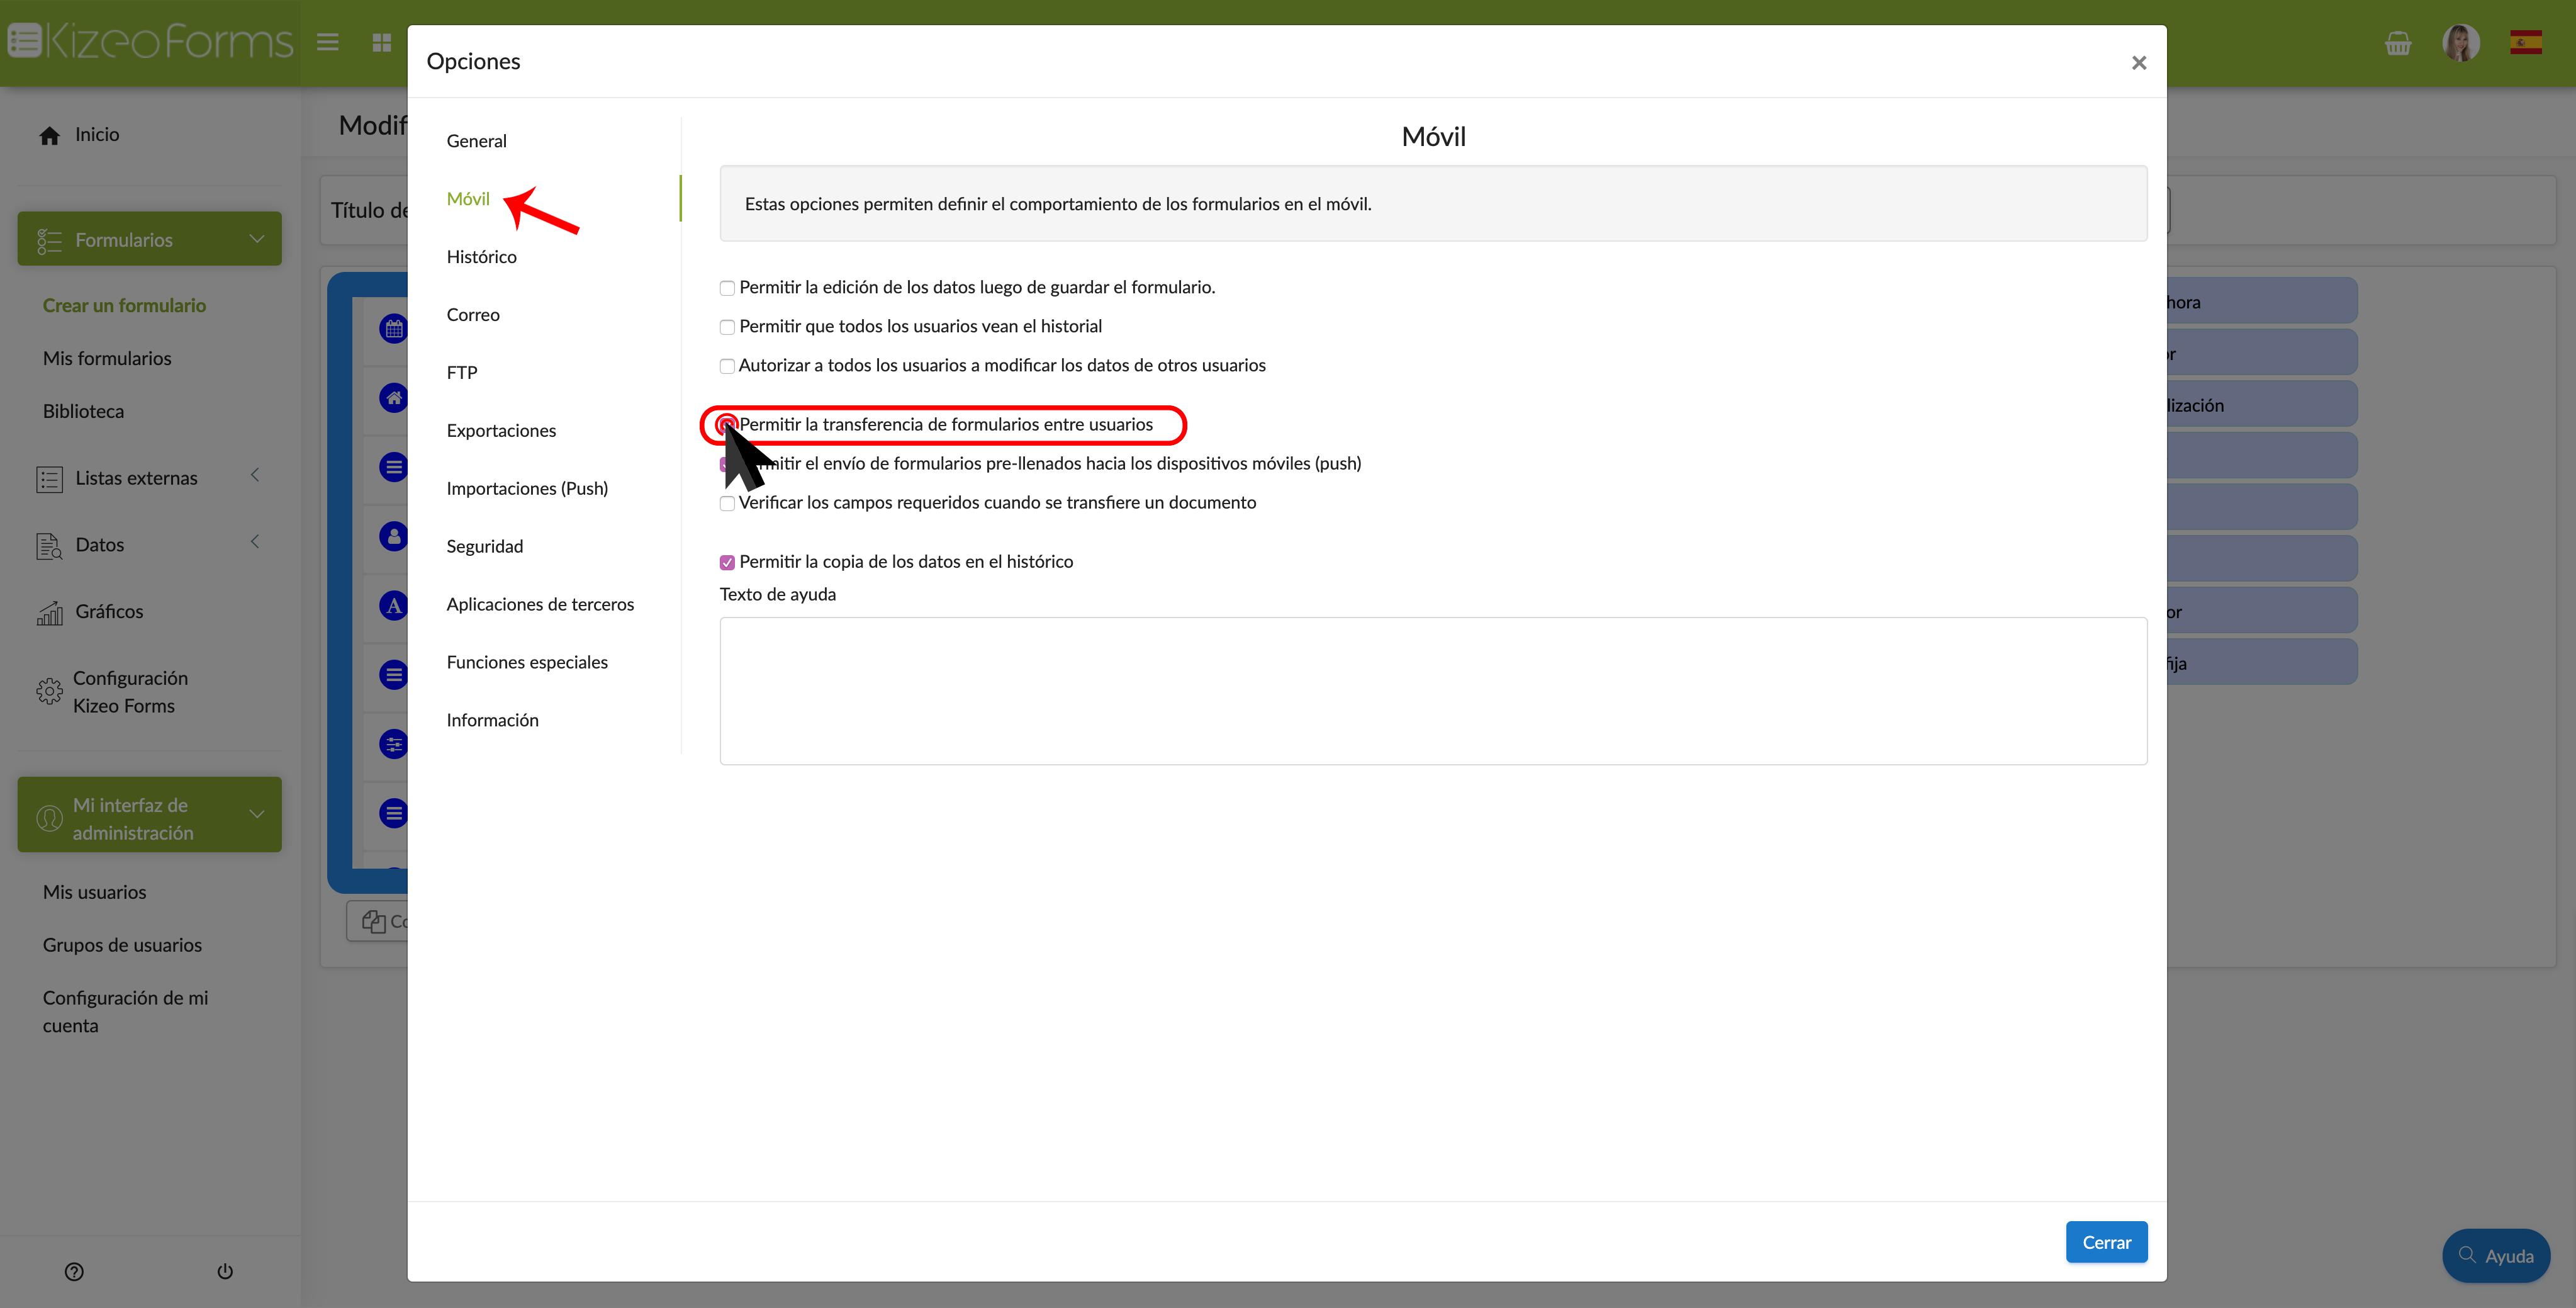 """Marcar la opción """"Permitir la transferencia de formularios entre usuarios""""."""